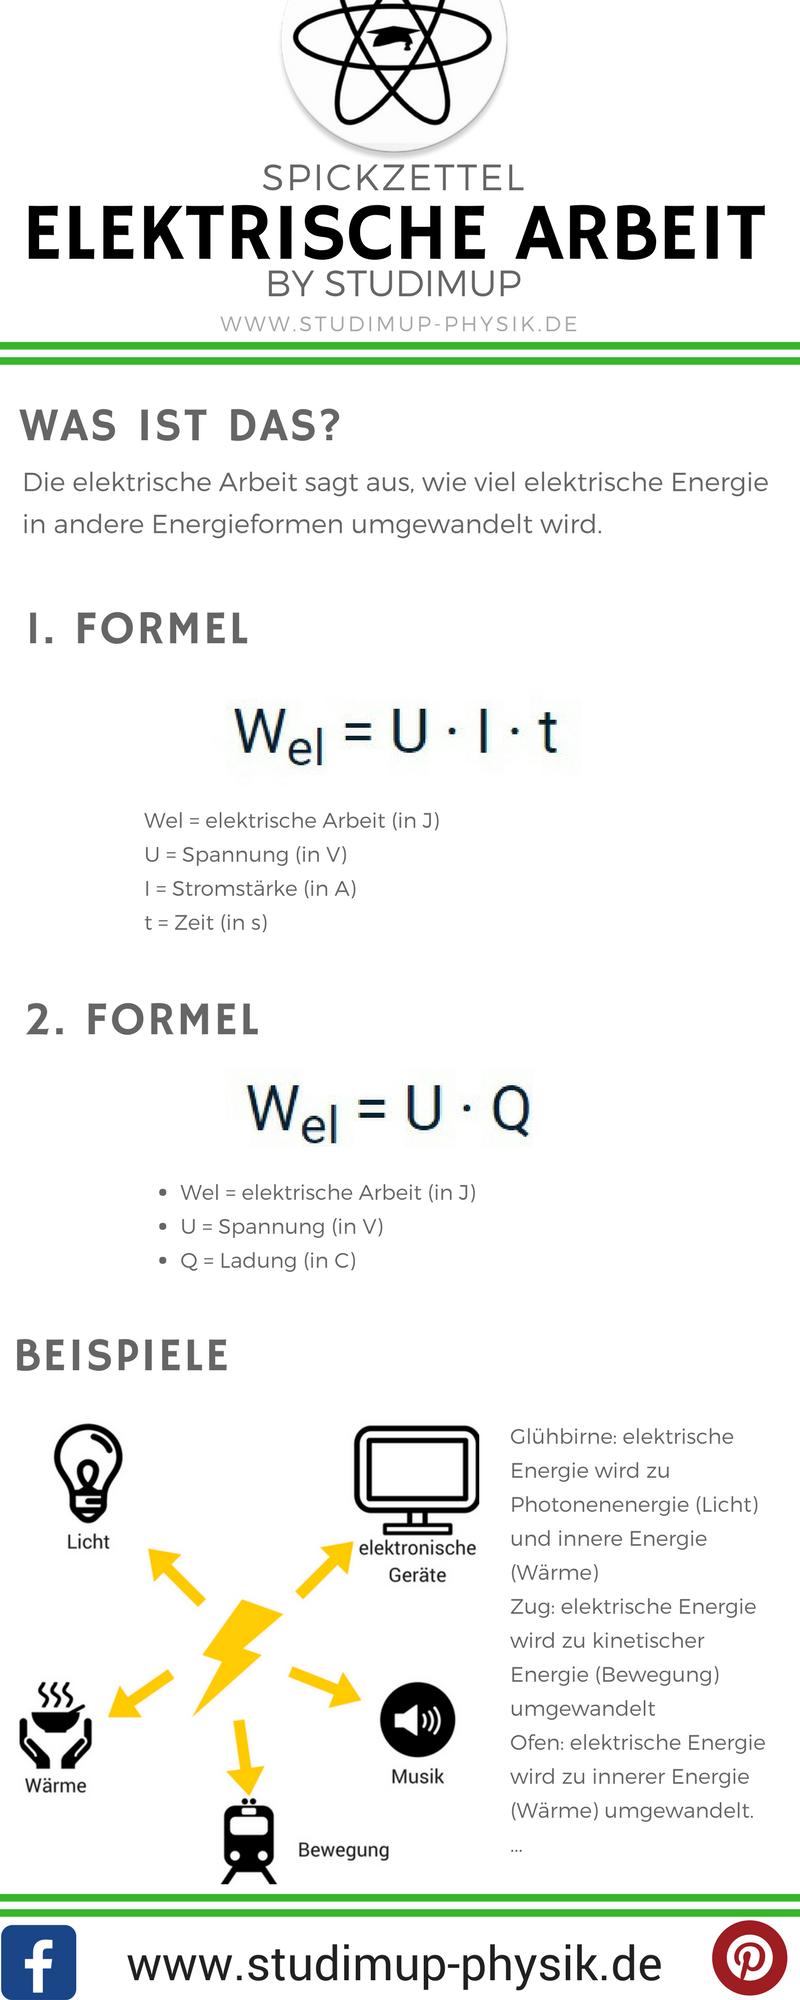 elektrische Arbeit   Spickzettel by Studimup – Unterrichtsmaterial ...